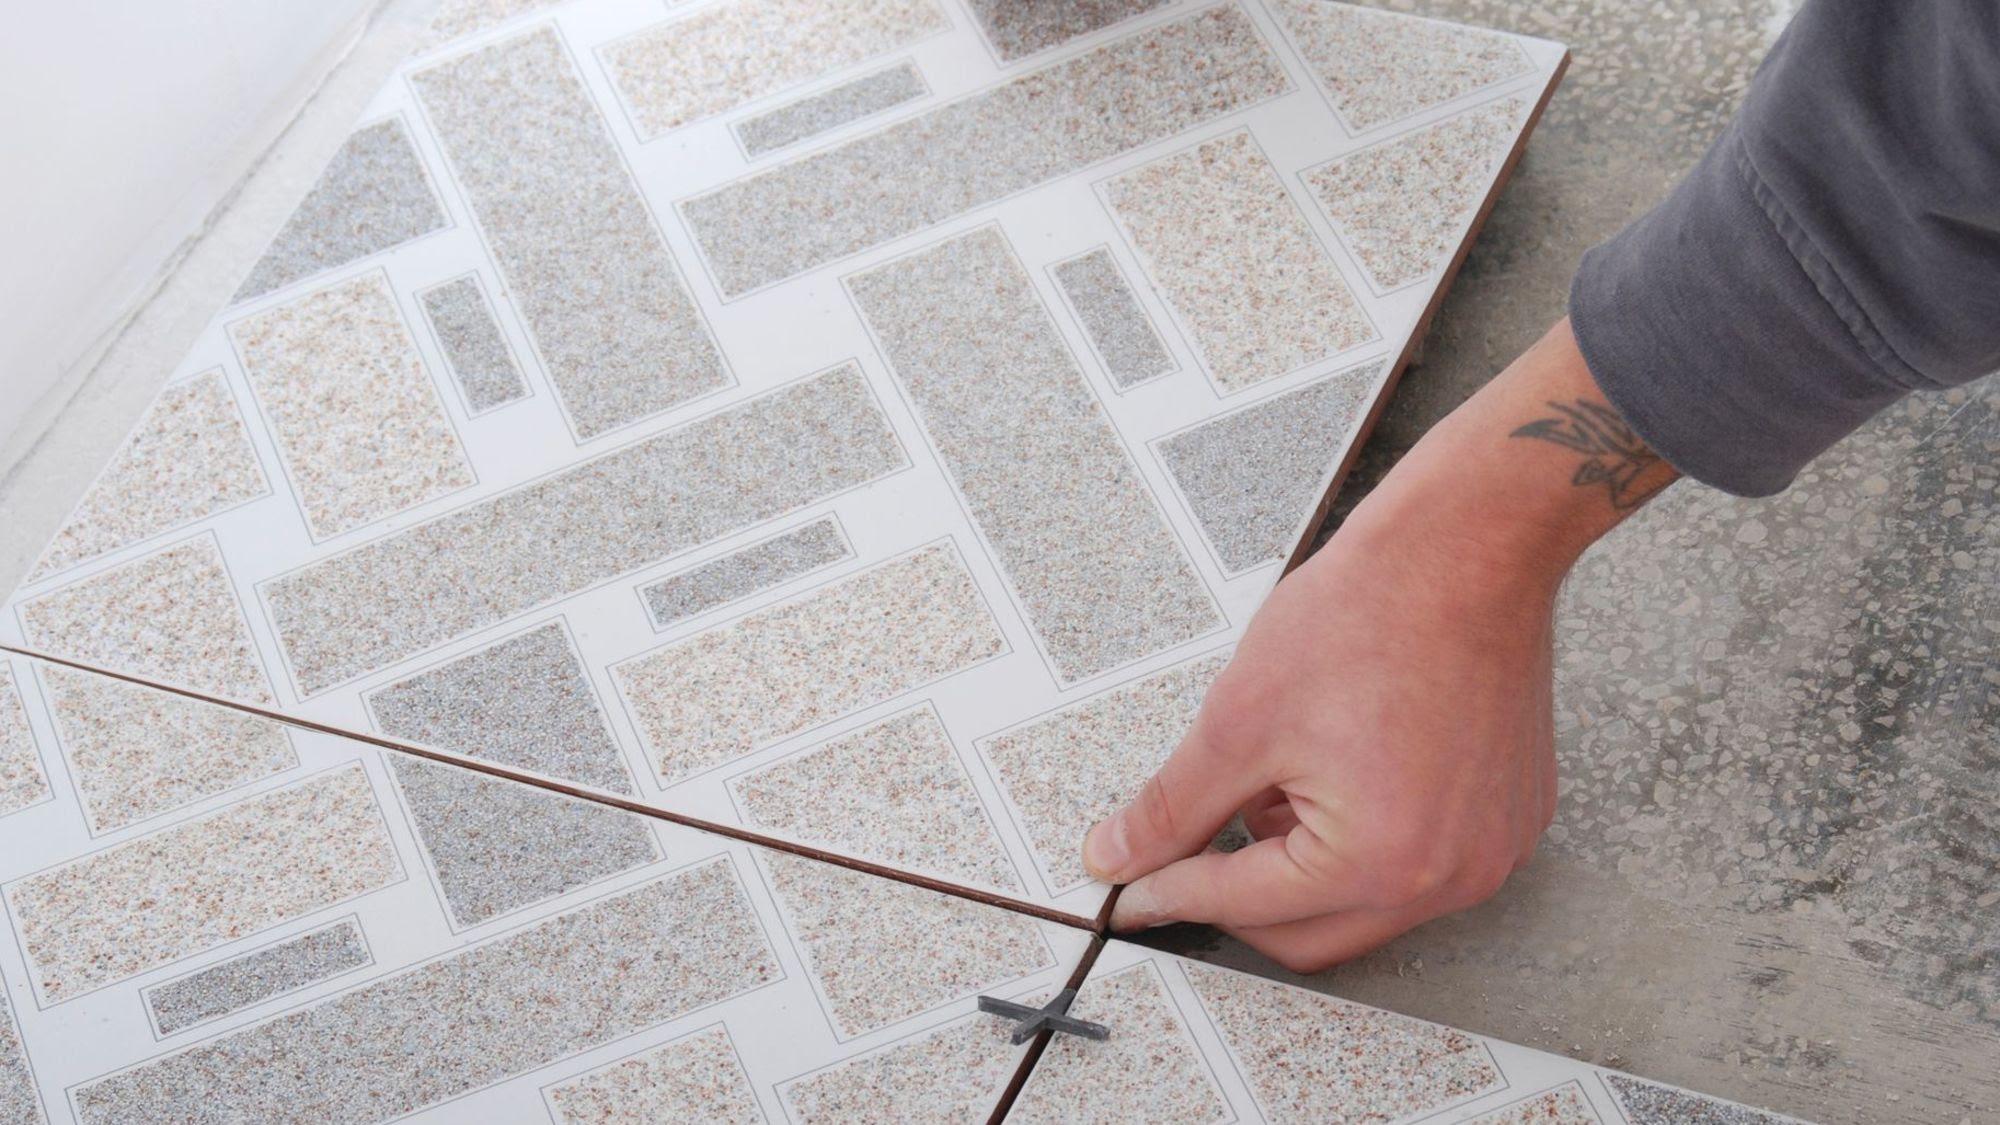 Enlever du carrelage au sol - Enlever tache de rouille sur carrelage ...